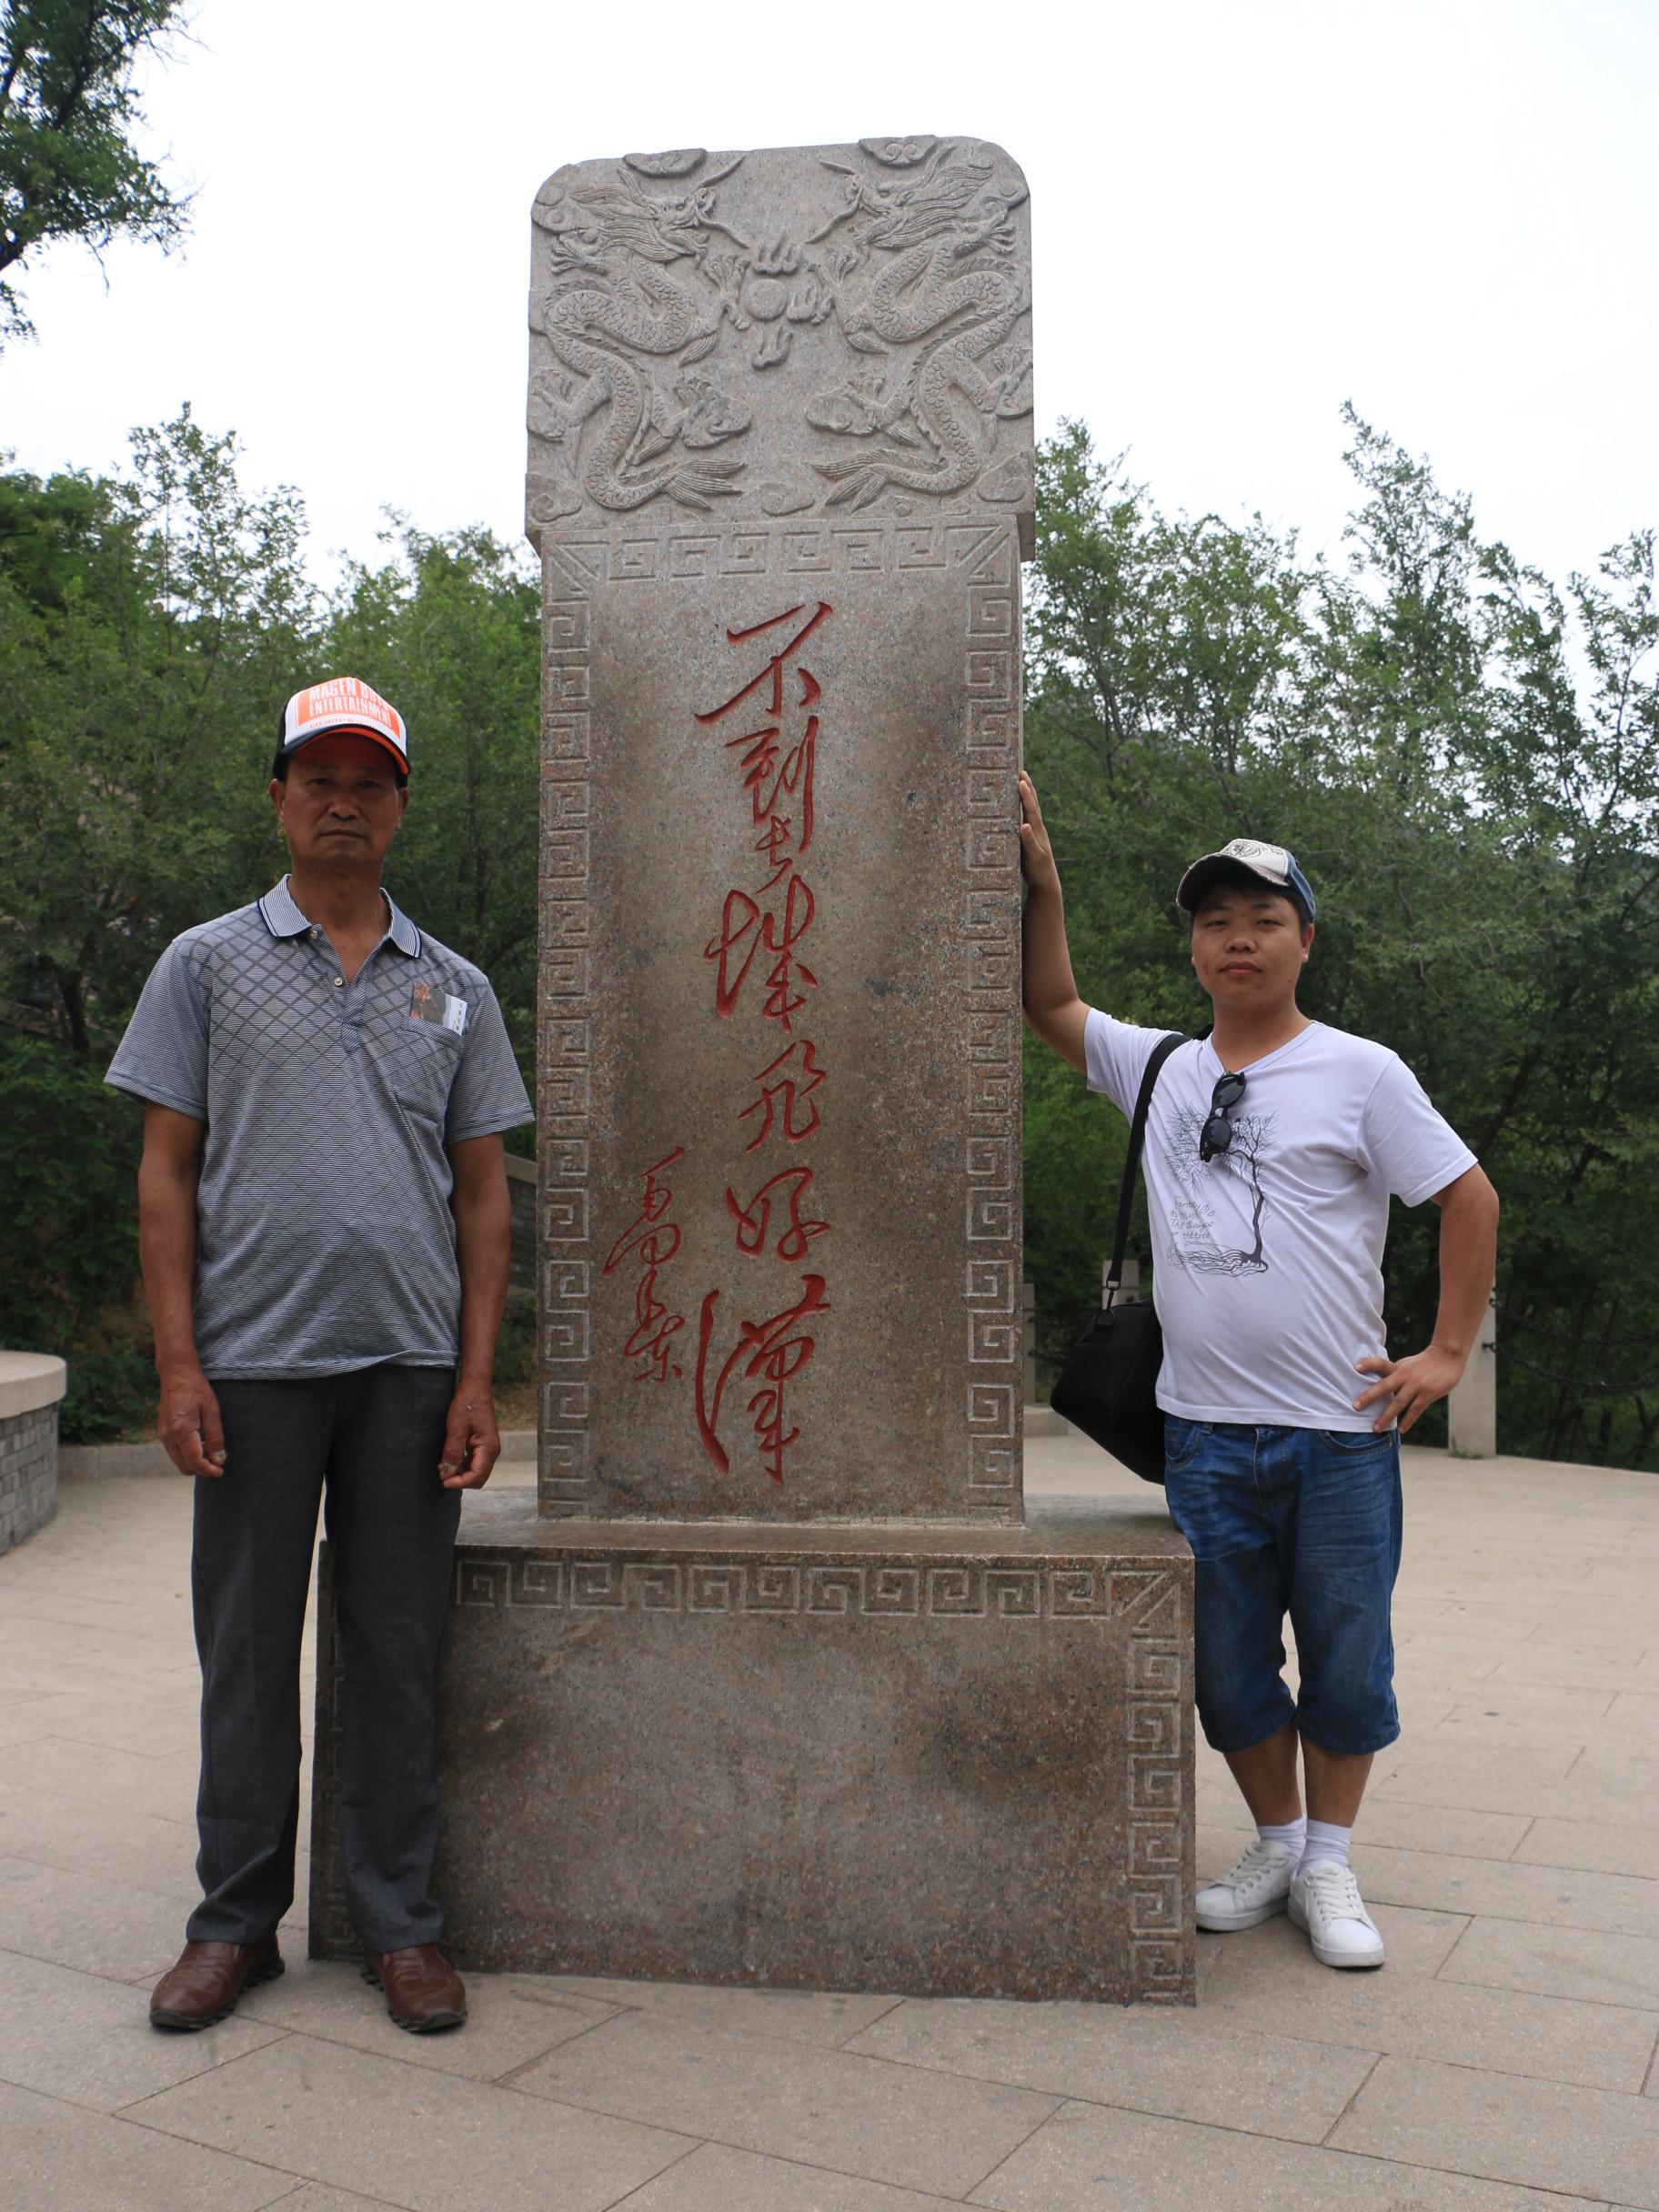 2017年6月游长城时在好汉碑前我和老爸的合影